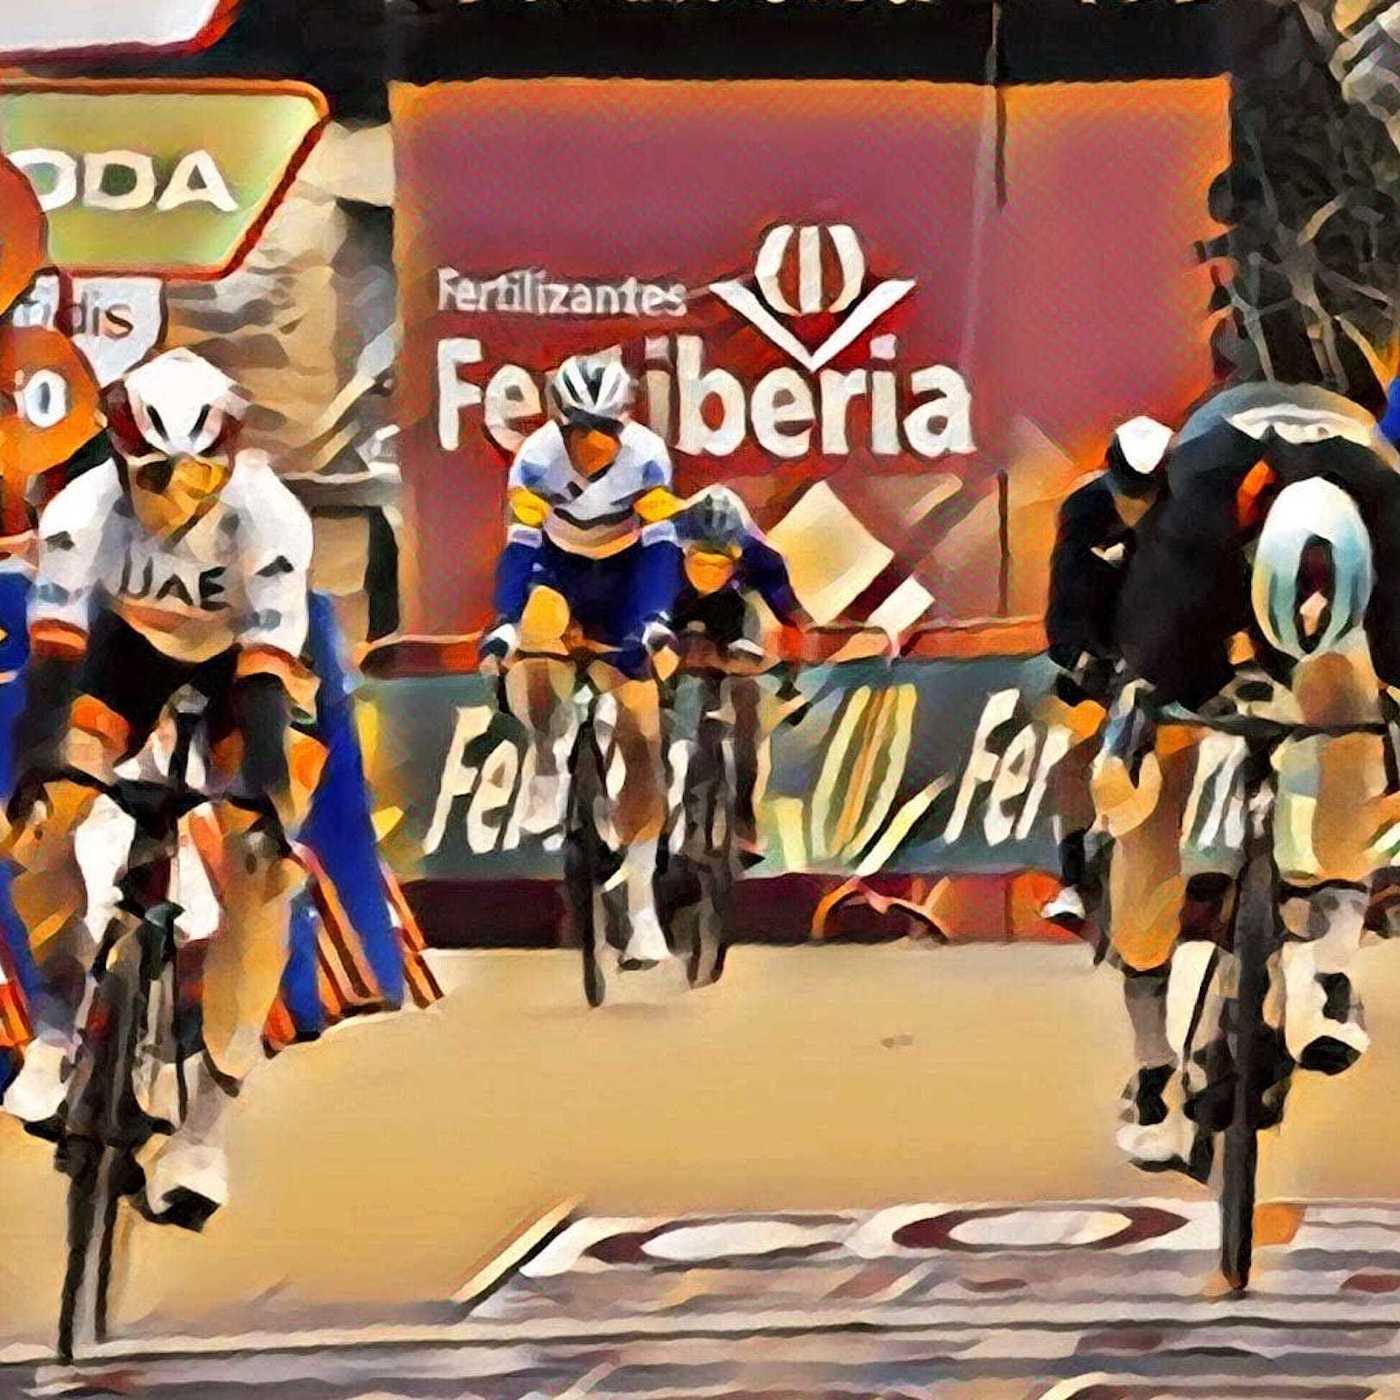 Jasper Philipsen wint in Puebla de Sanabria - en we zijn bijna in Madrid!